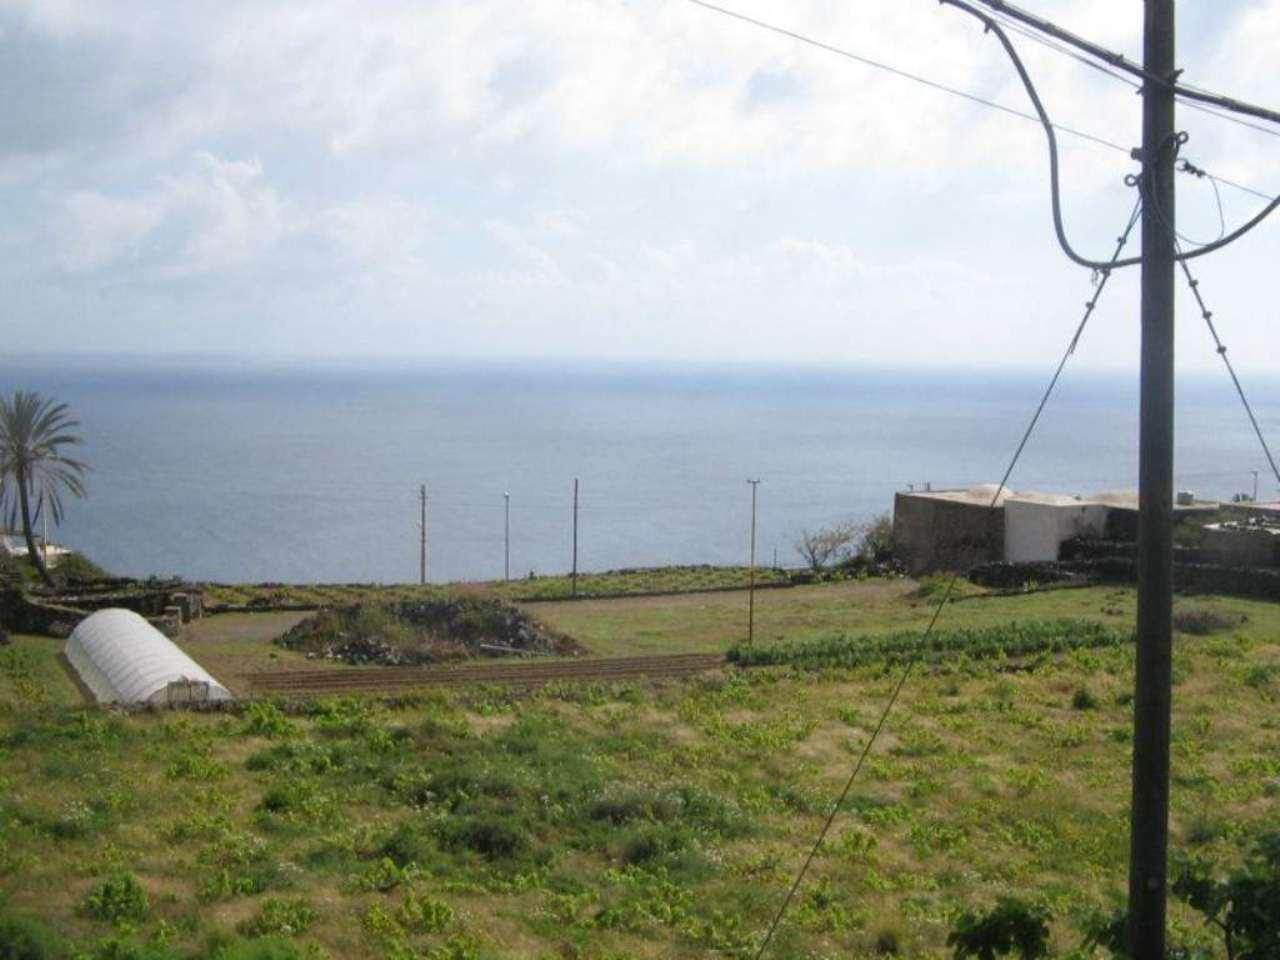 Villa pantelleria vendita 190000 euro 220 mq 04 06 2016 - Immobile non soggetto all obbligo di certificazione energetica ...